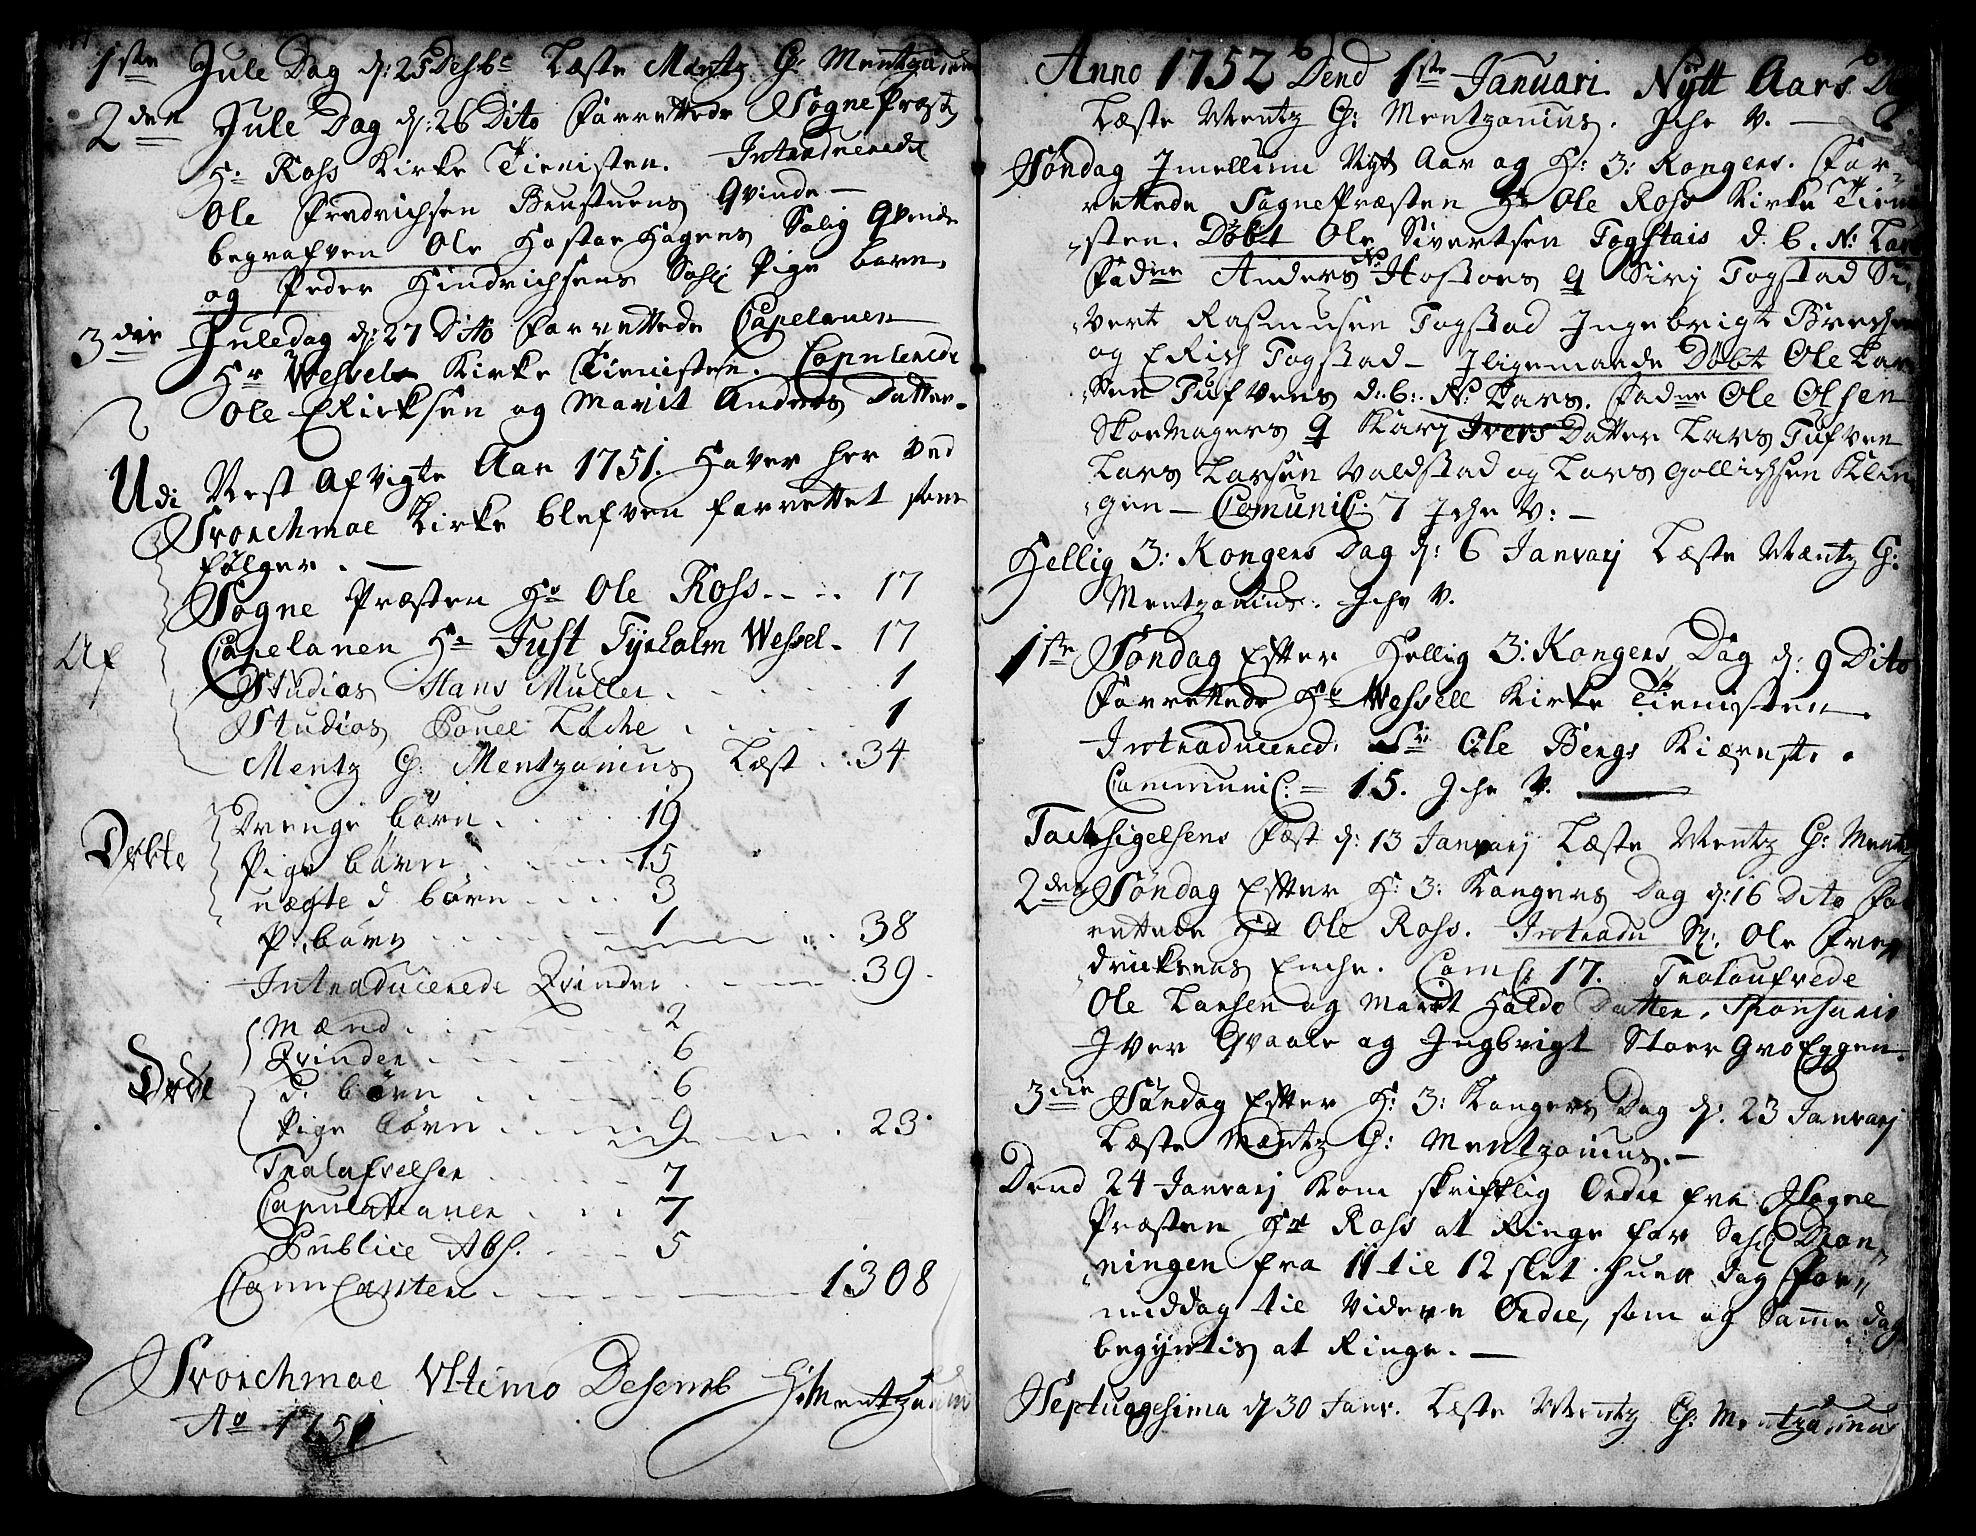 SAT, Ministerialprotokoller, klokkerbøker og fødselsregistre - Sør-Trøndelag, 671/L0839: Ministerialbok nr. 671A01, 1730-1755, s. 417-418